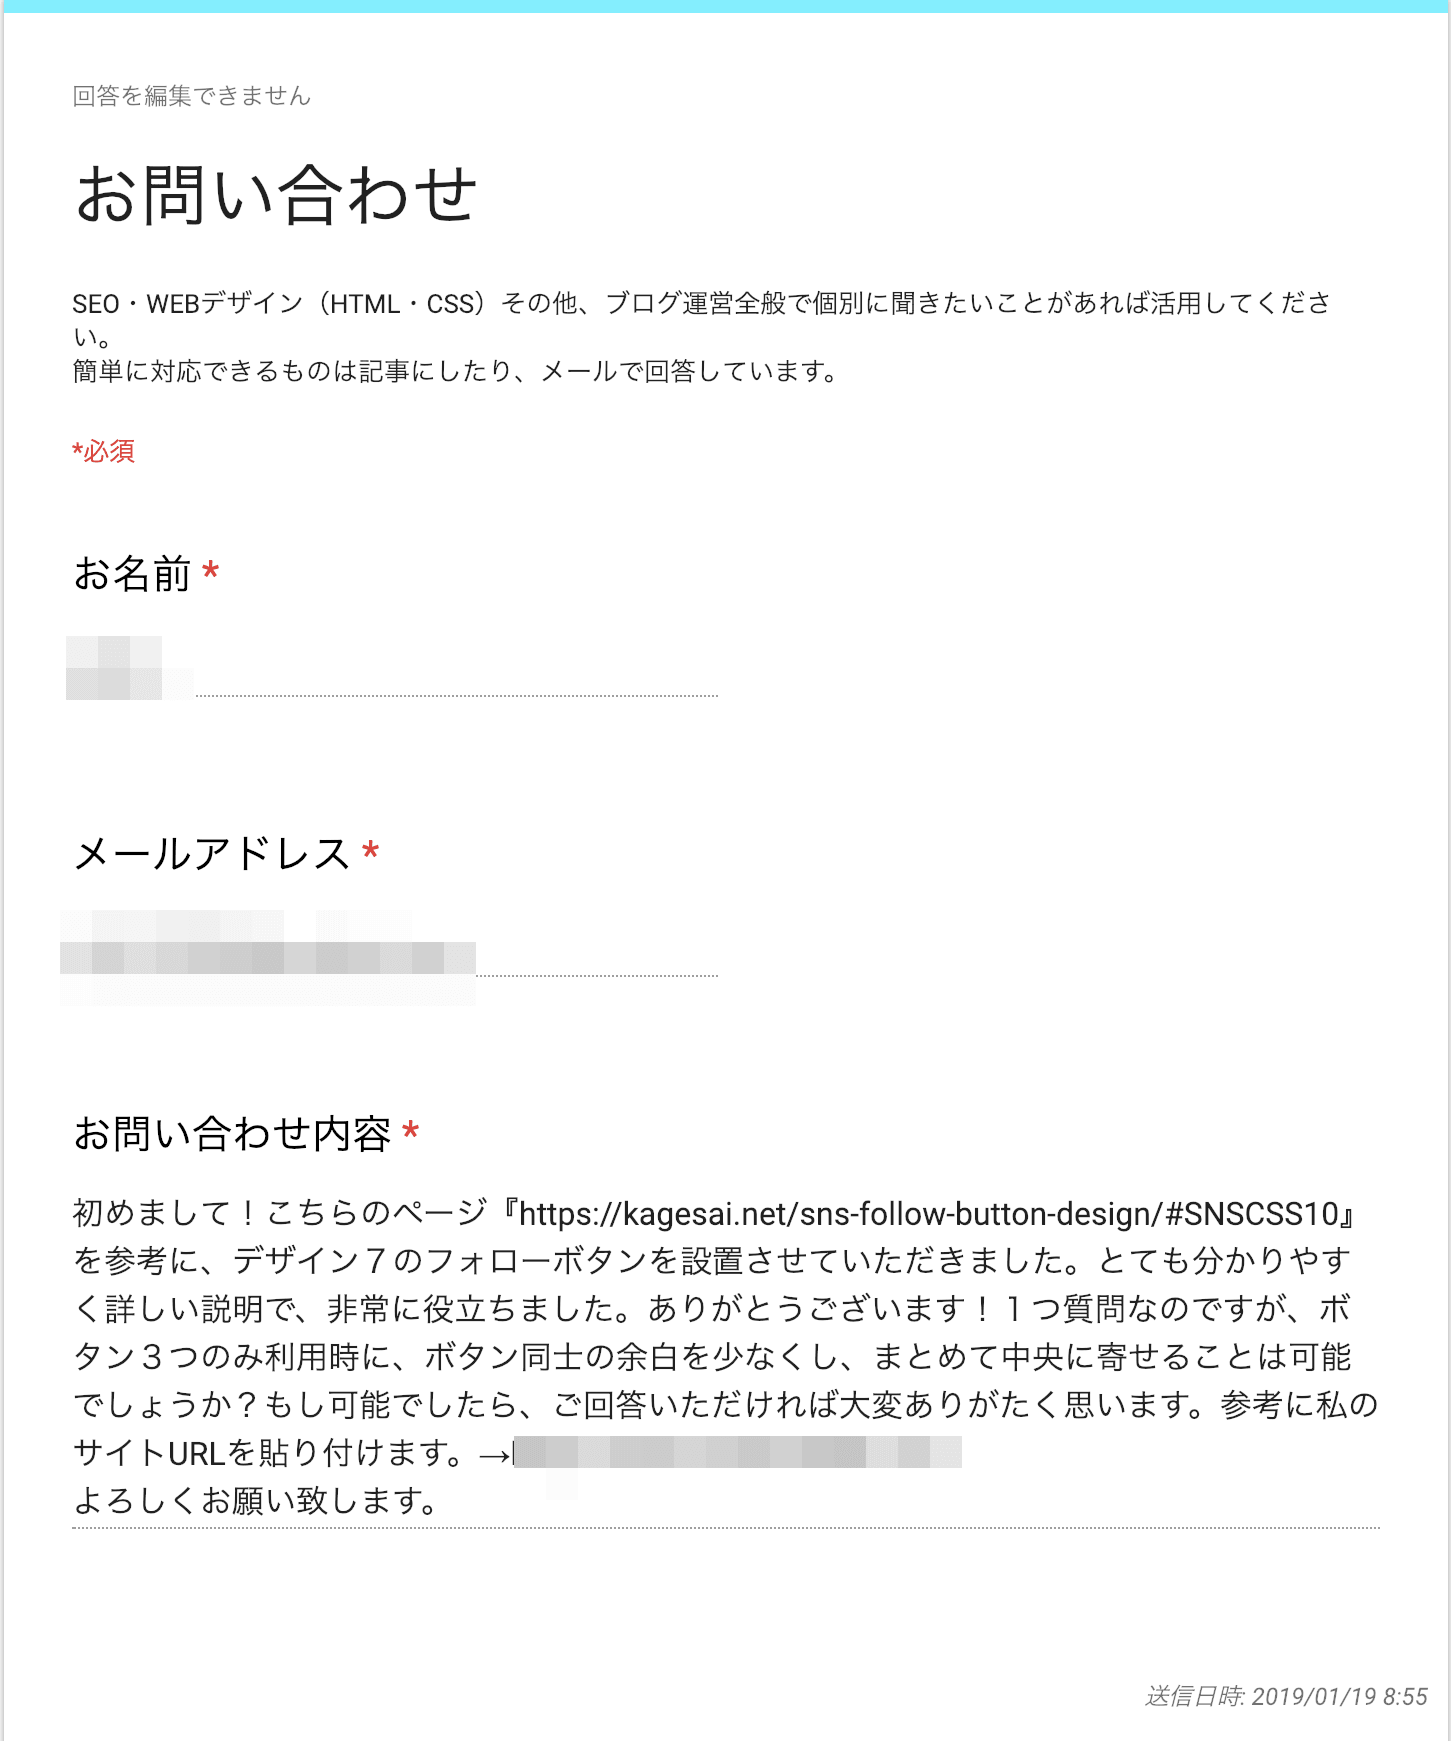 SNSボタン問い合わせ内容